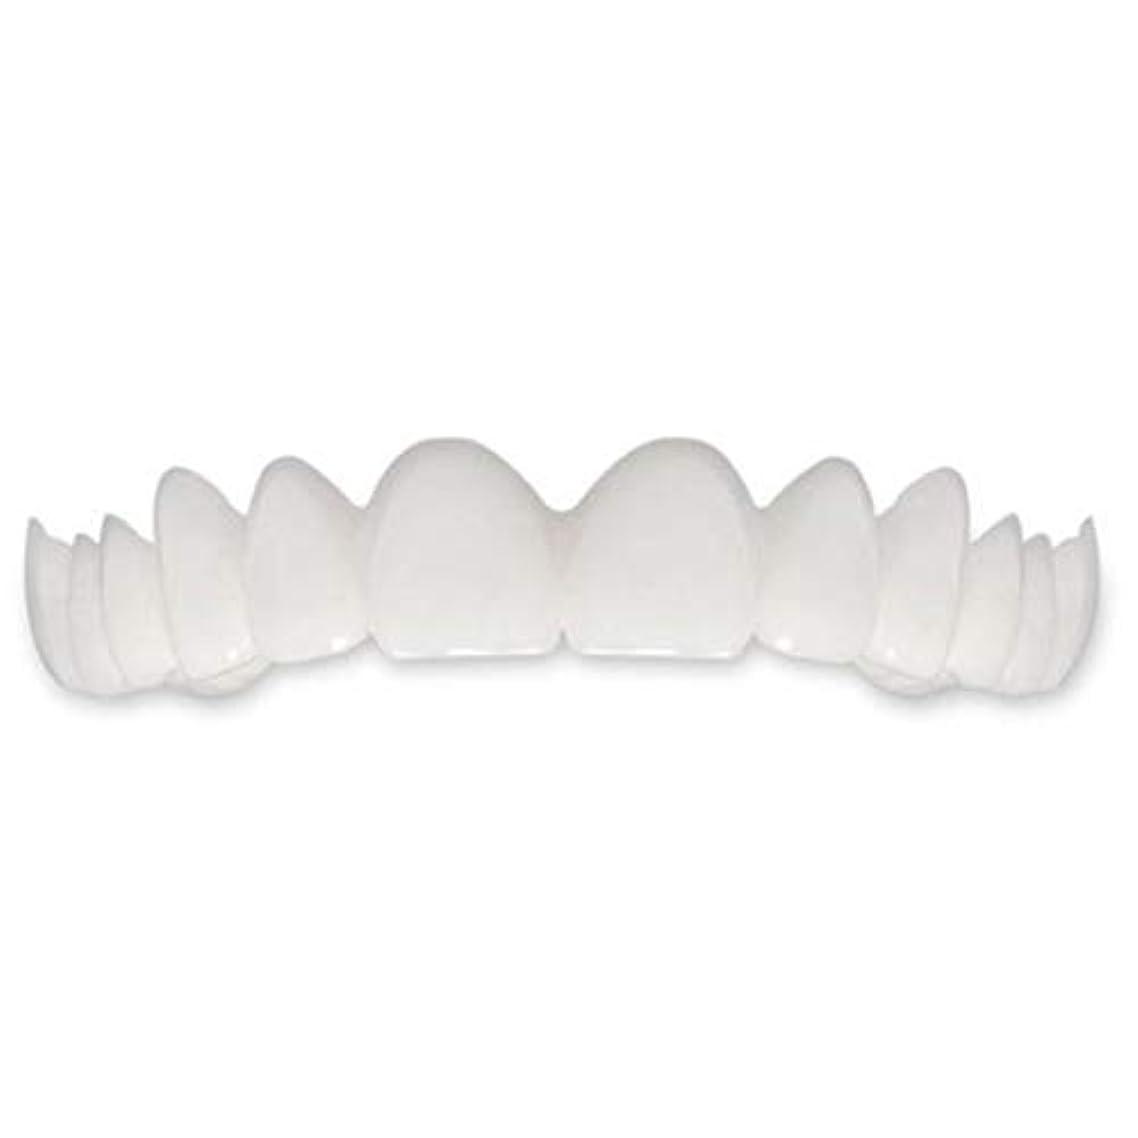 フェード電球レンドTooth Instant Perfect Smile Flex Teeth Whitening Smile False Teeth Cover-ホワイト